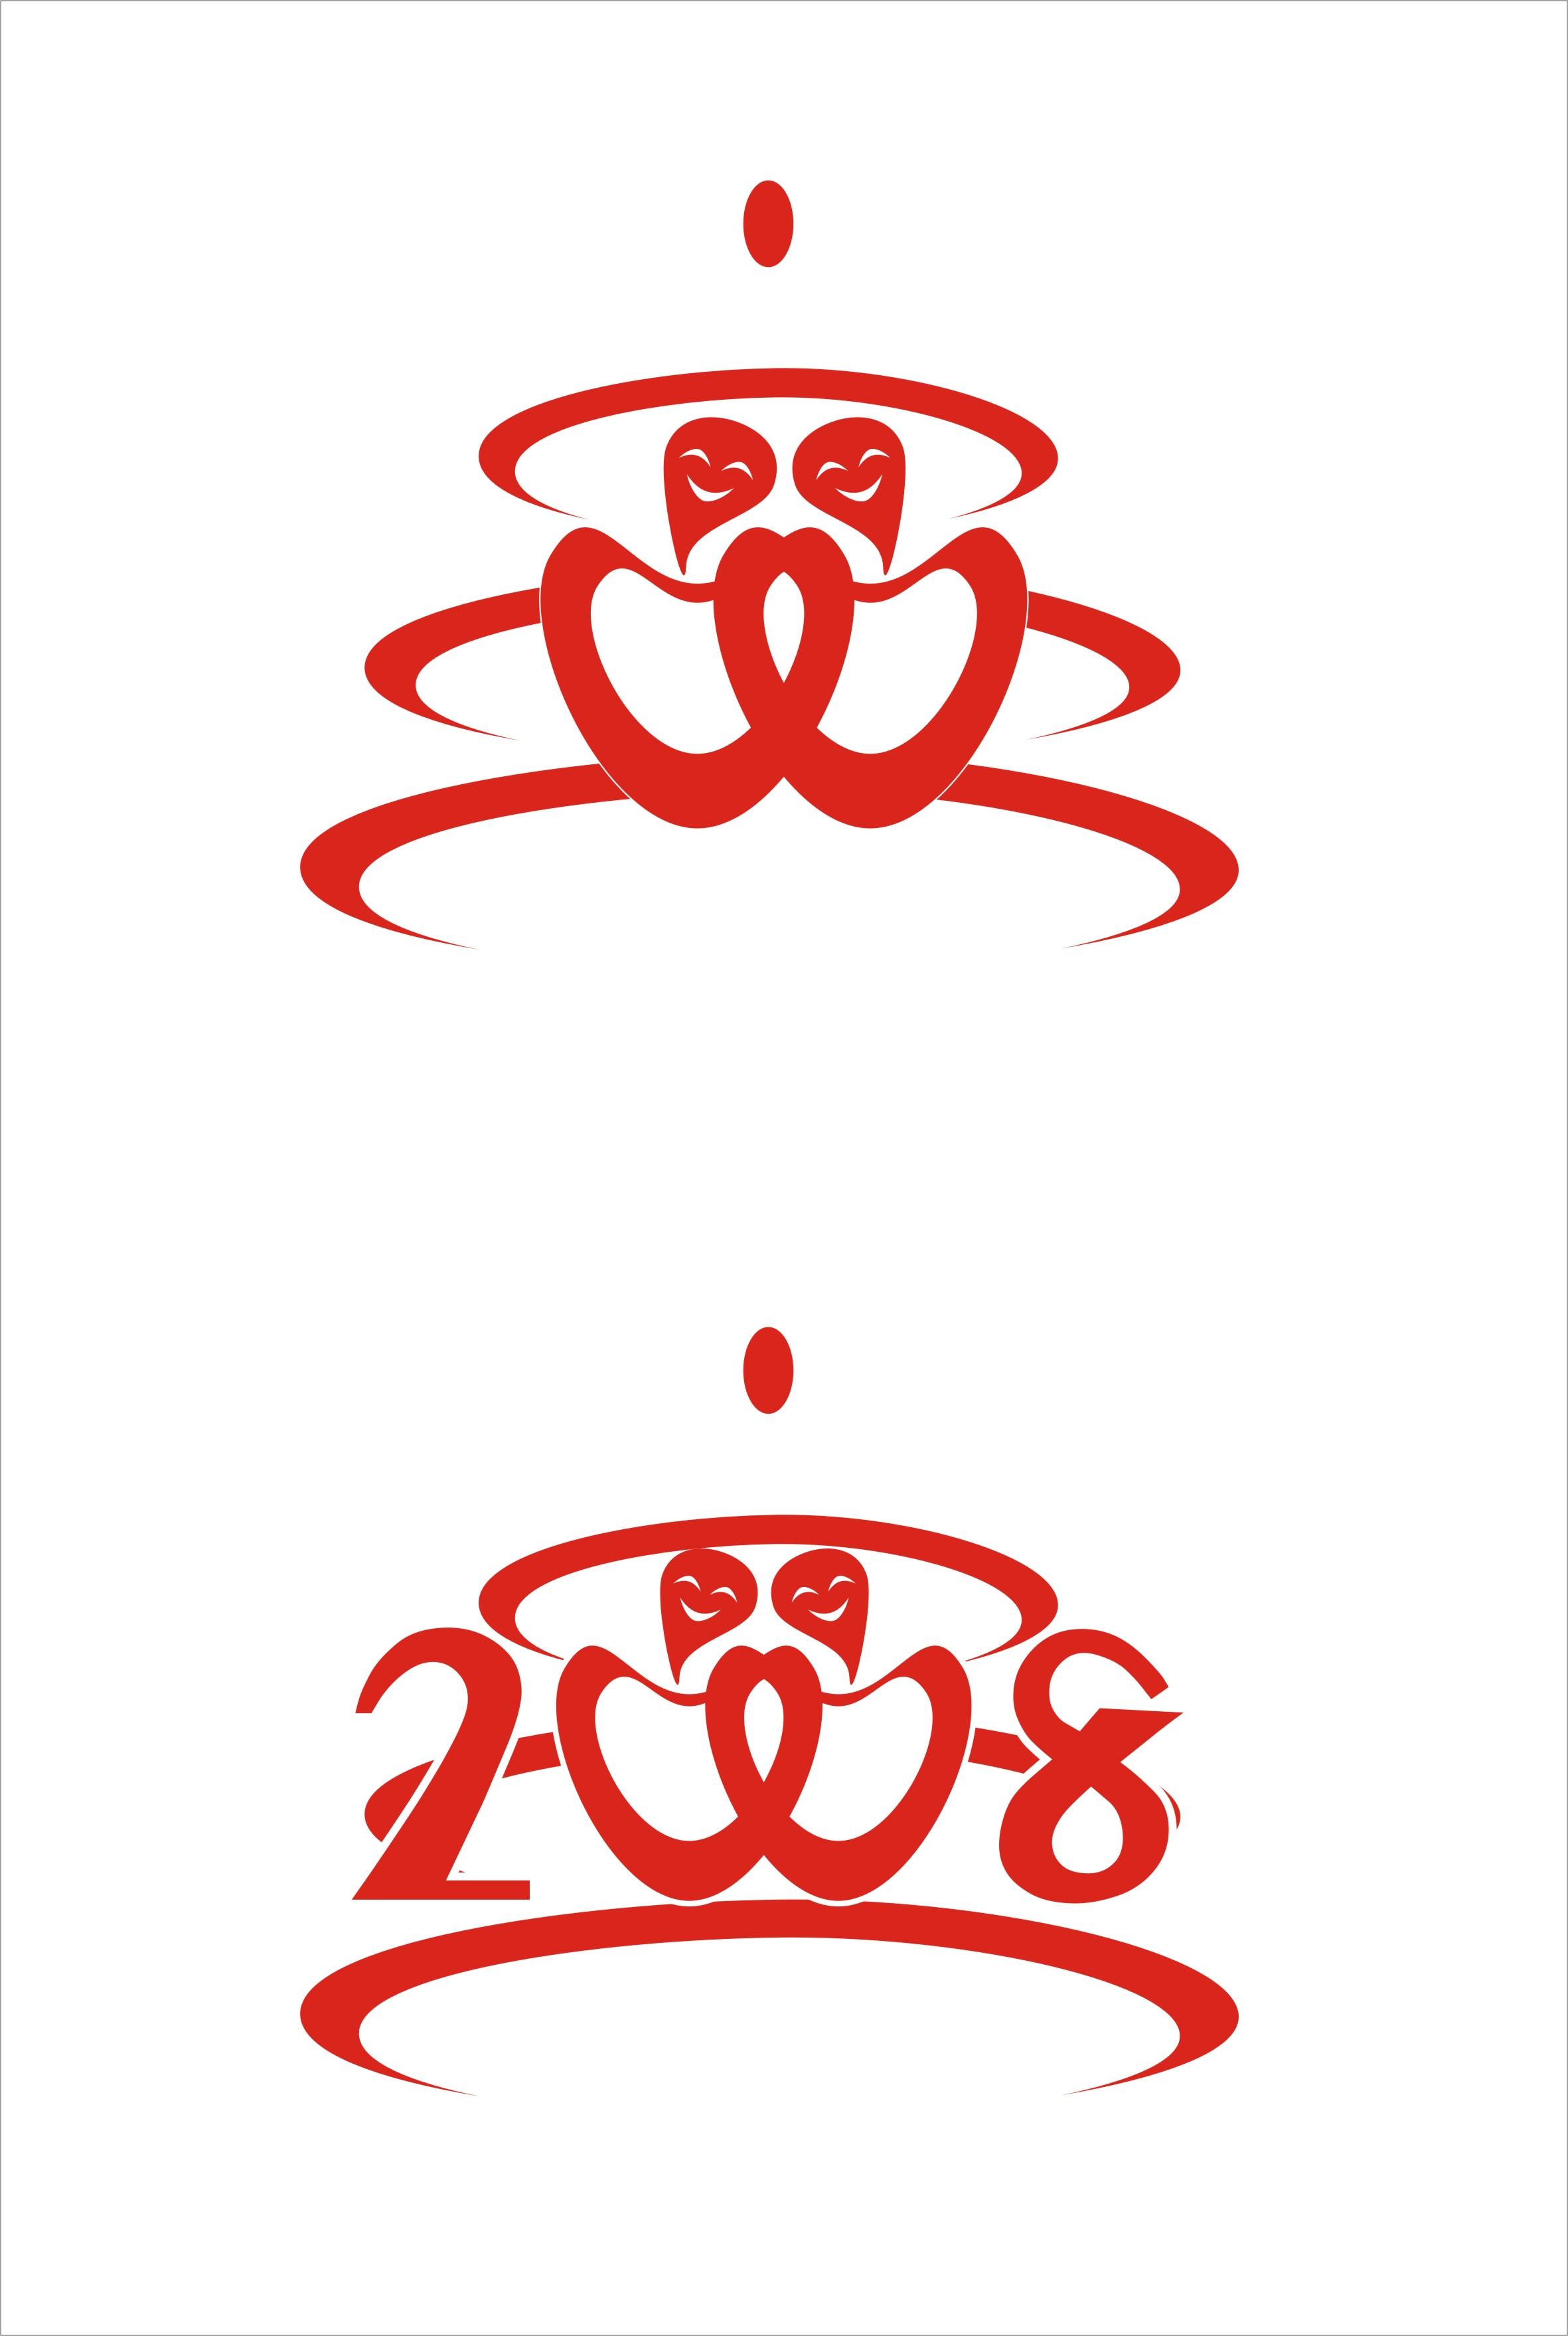 红十字会t恤衫设计(特急2天)